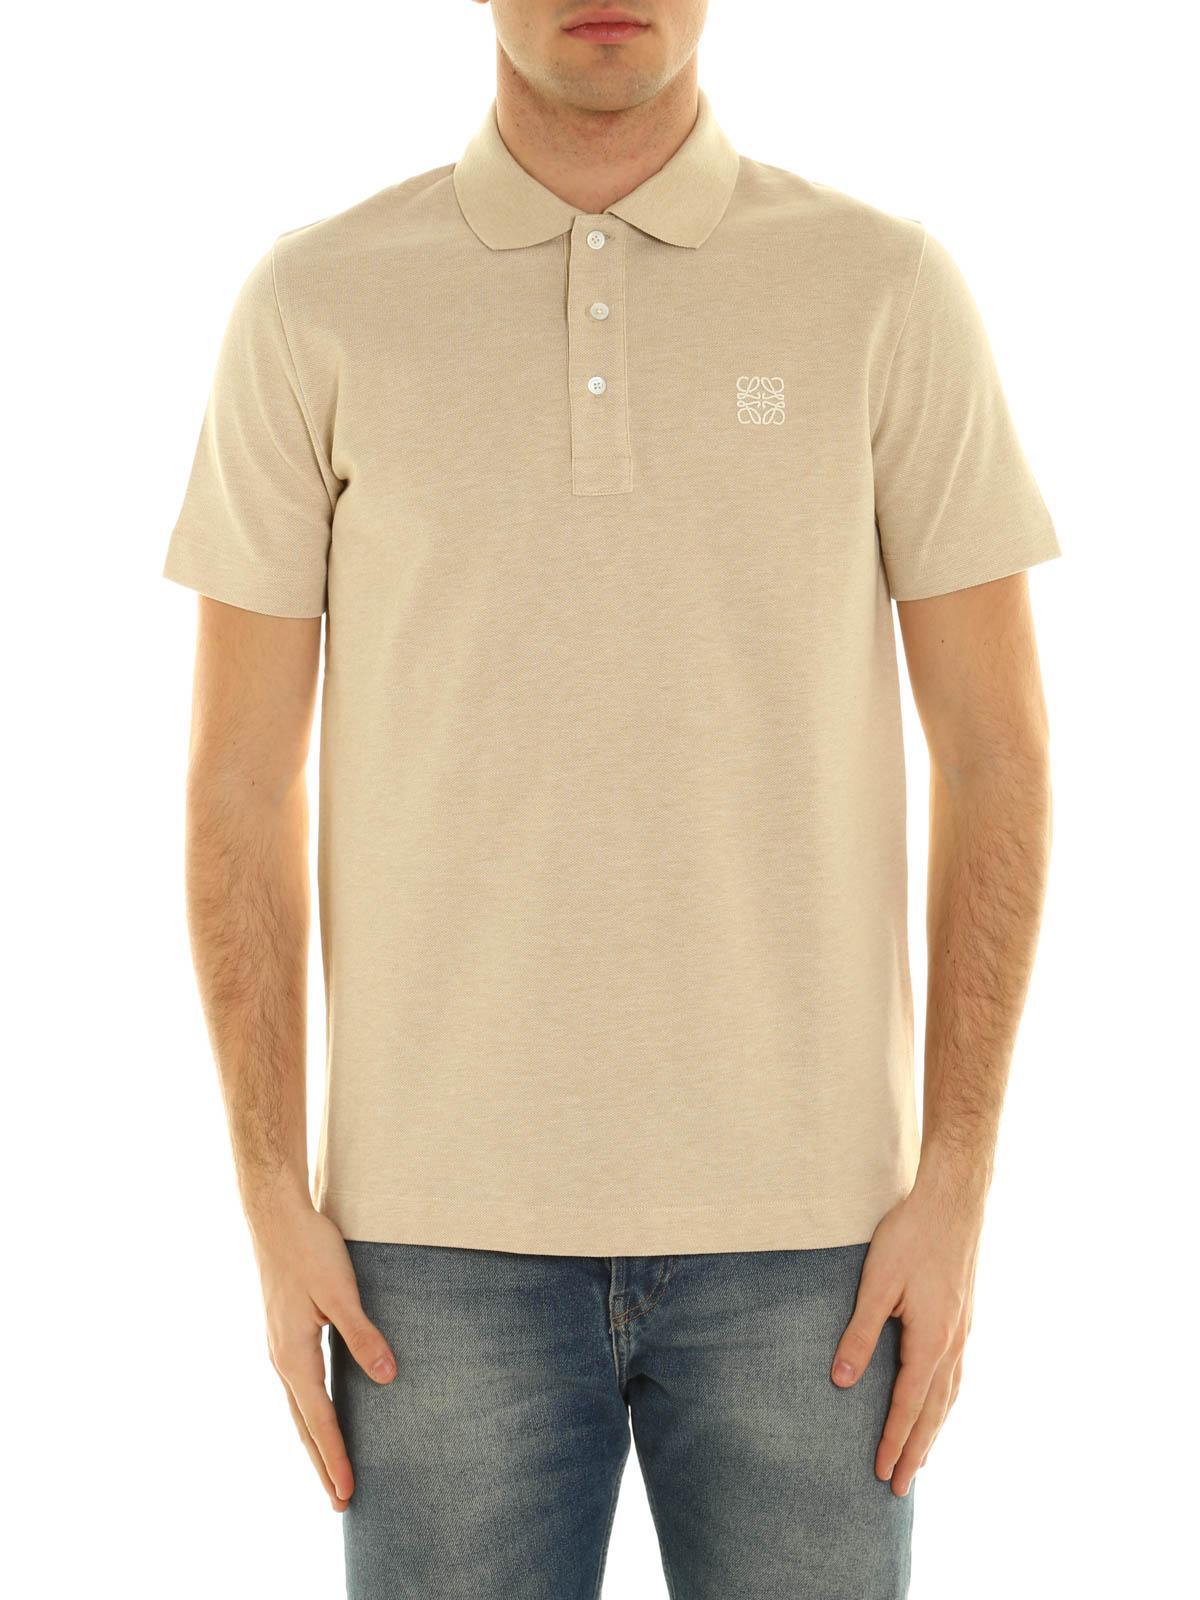 Loewe Embroidered Logo Polo Shirt Polo Shirts H2179820cr2230